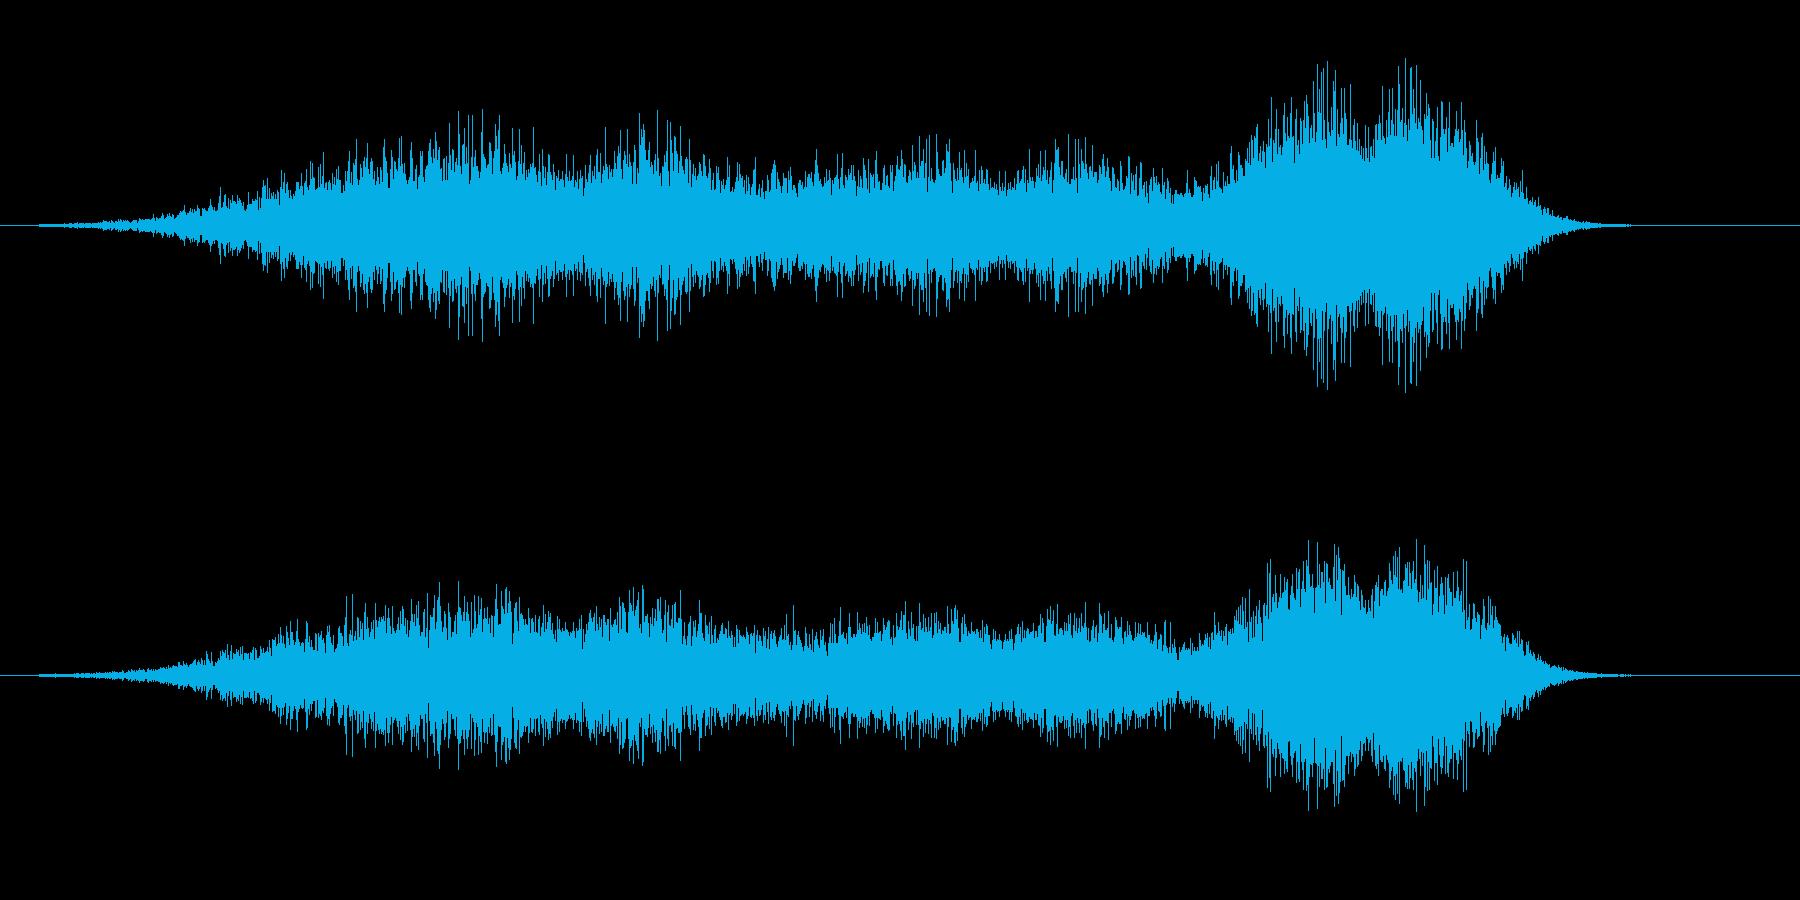 【SE 効果音】風(ホラー)2の再生済みの波形